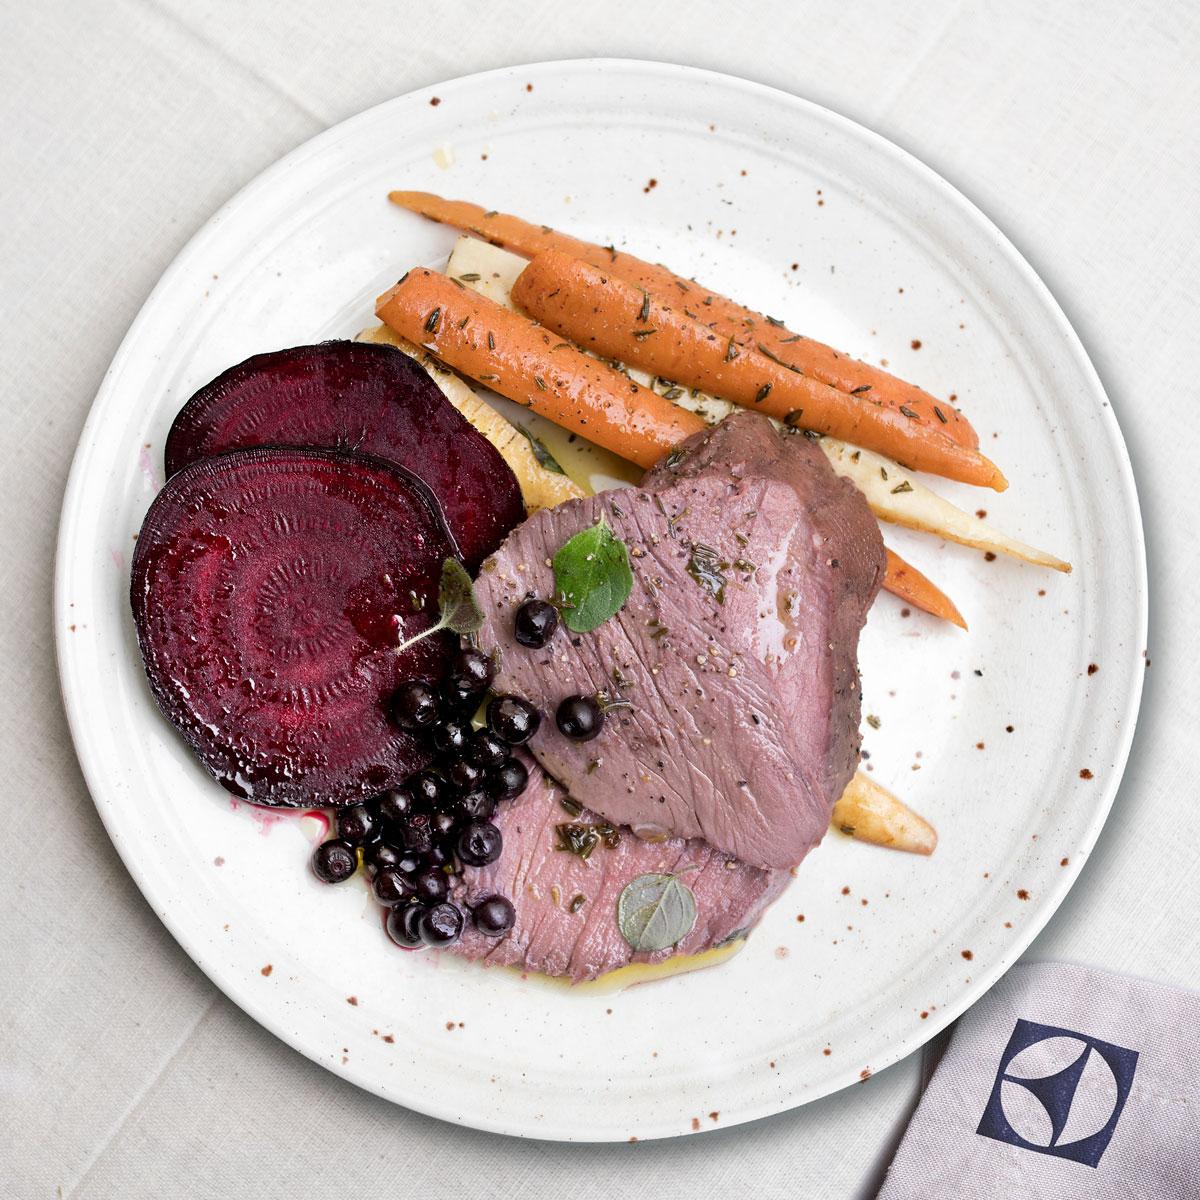 """Electrolux continua seria """"Ingredientul Secret"""" cu noi gusturi si obiceiuri culinare din bucataria nordica"""